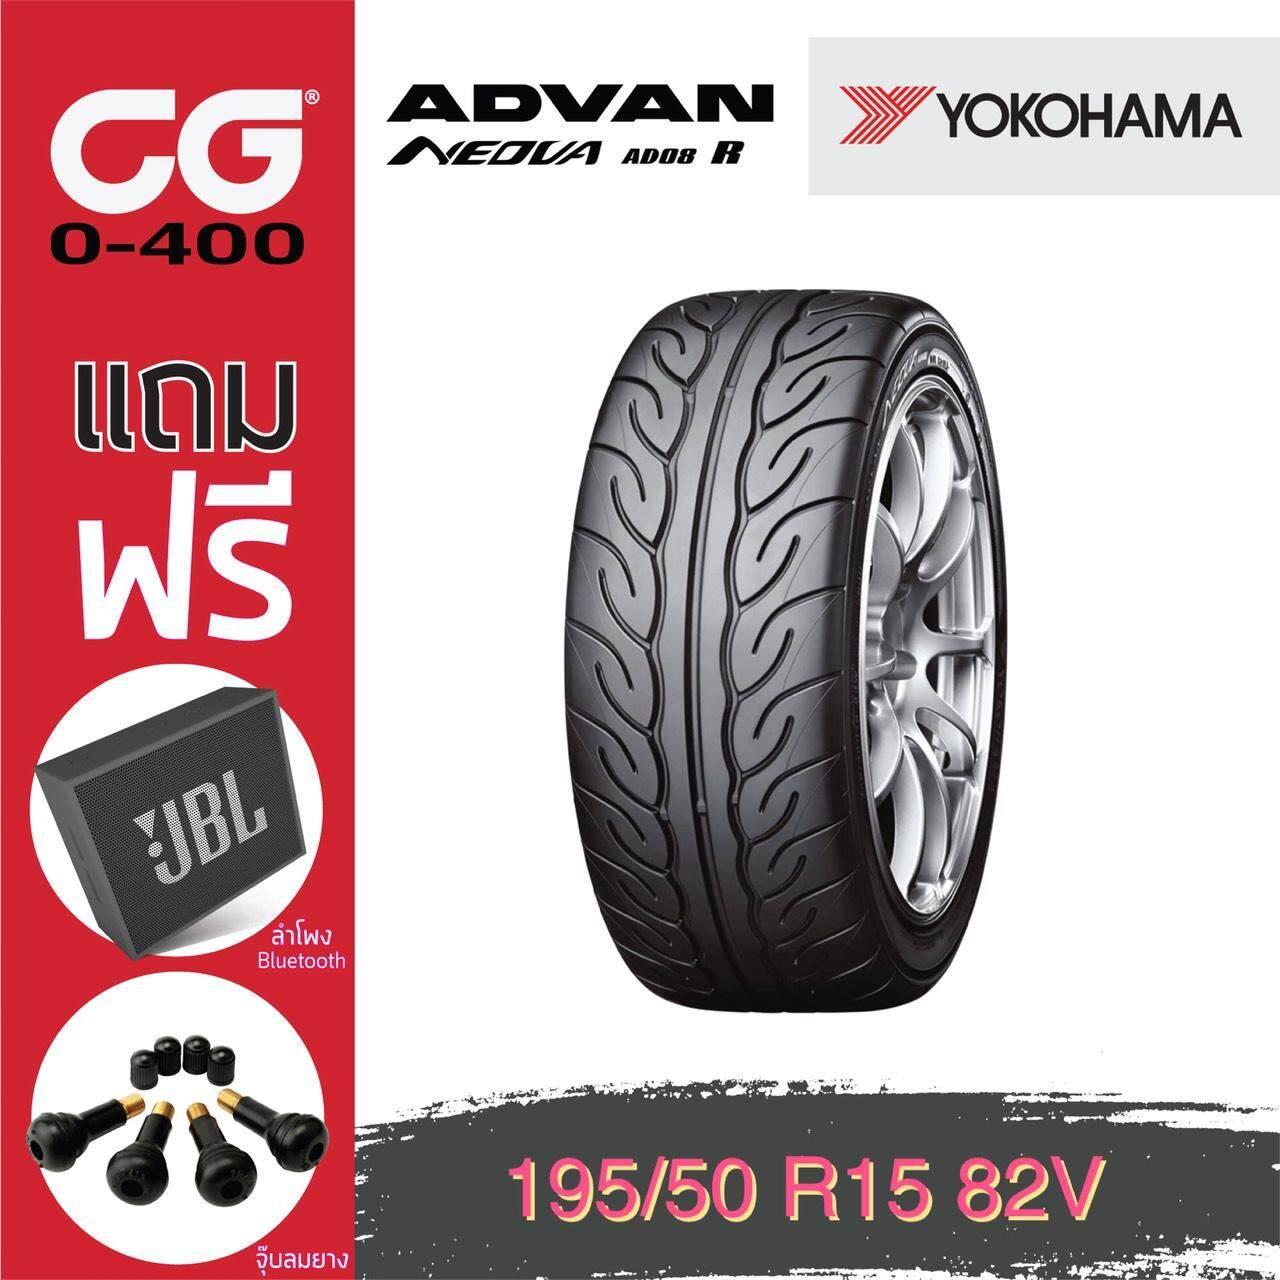 ประกันภัย รถยนต์ แบบ ผ่อน ได้ ปทุมธานี YOKOHAMA ADVAN Neova AD08 R Size 195/50 R15 จำนวน 4 เส้น